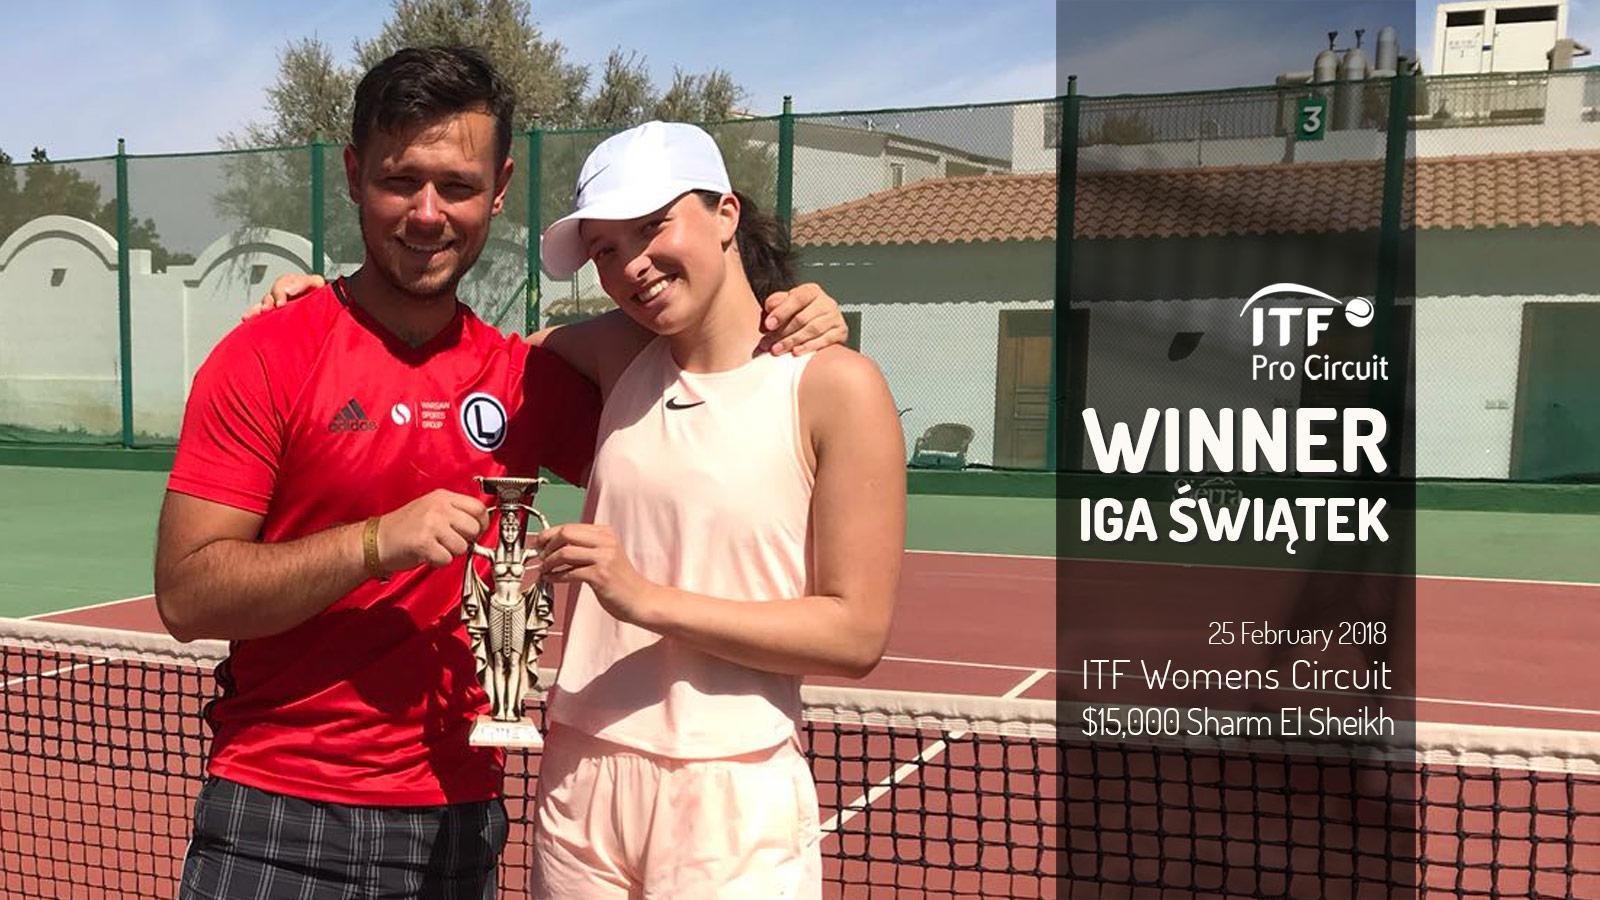 Iga Świątek - Warsaw Sports Group